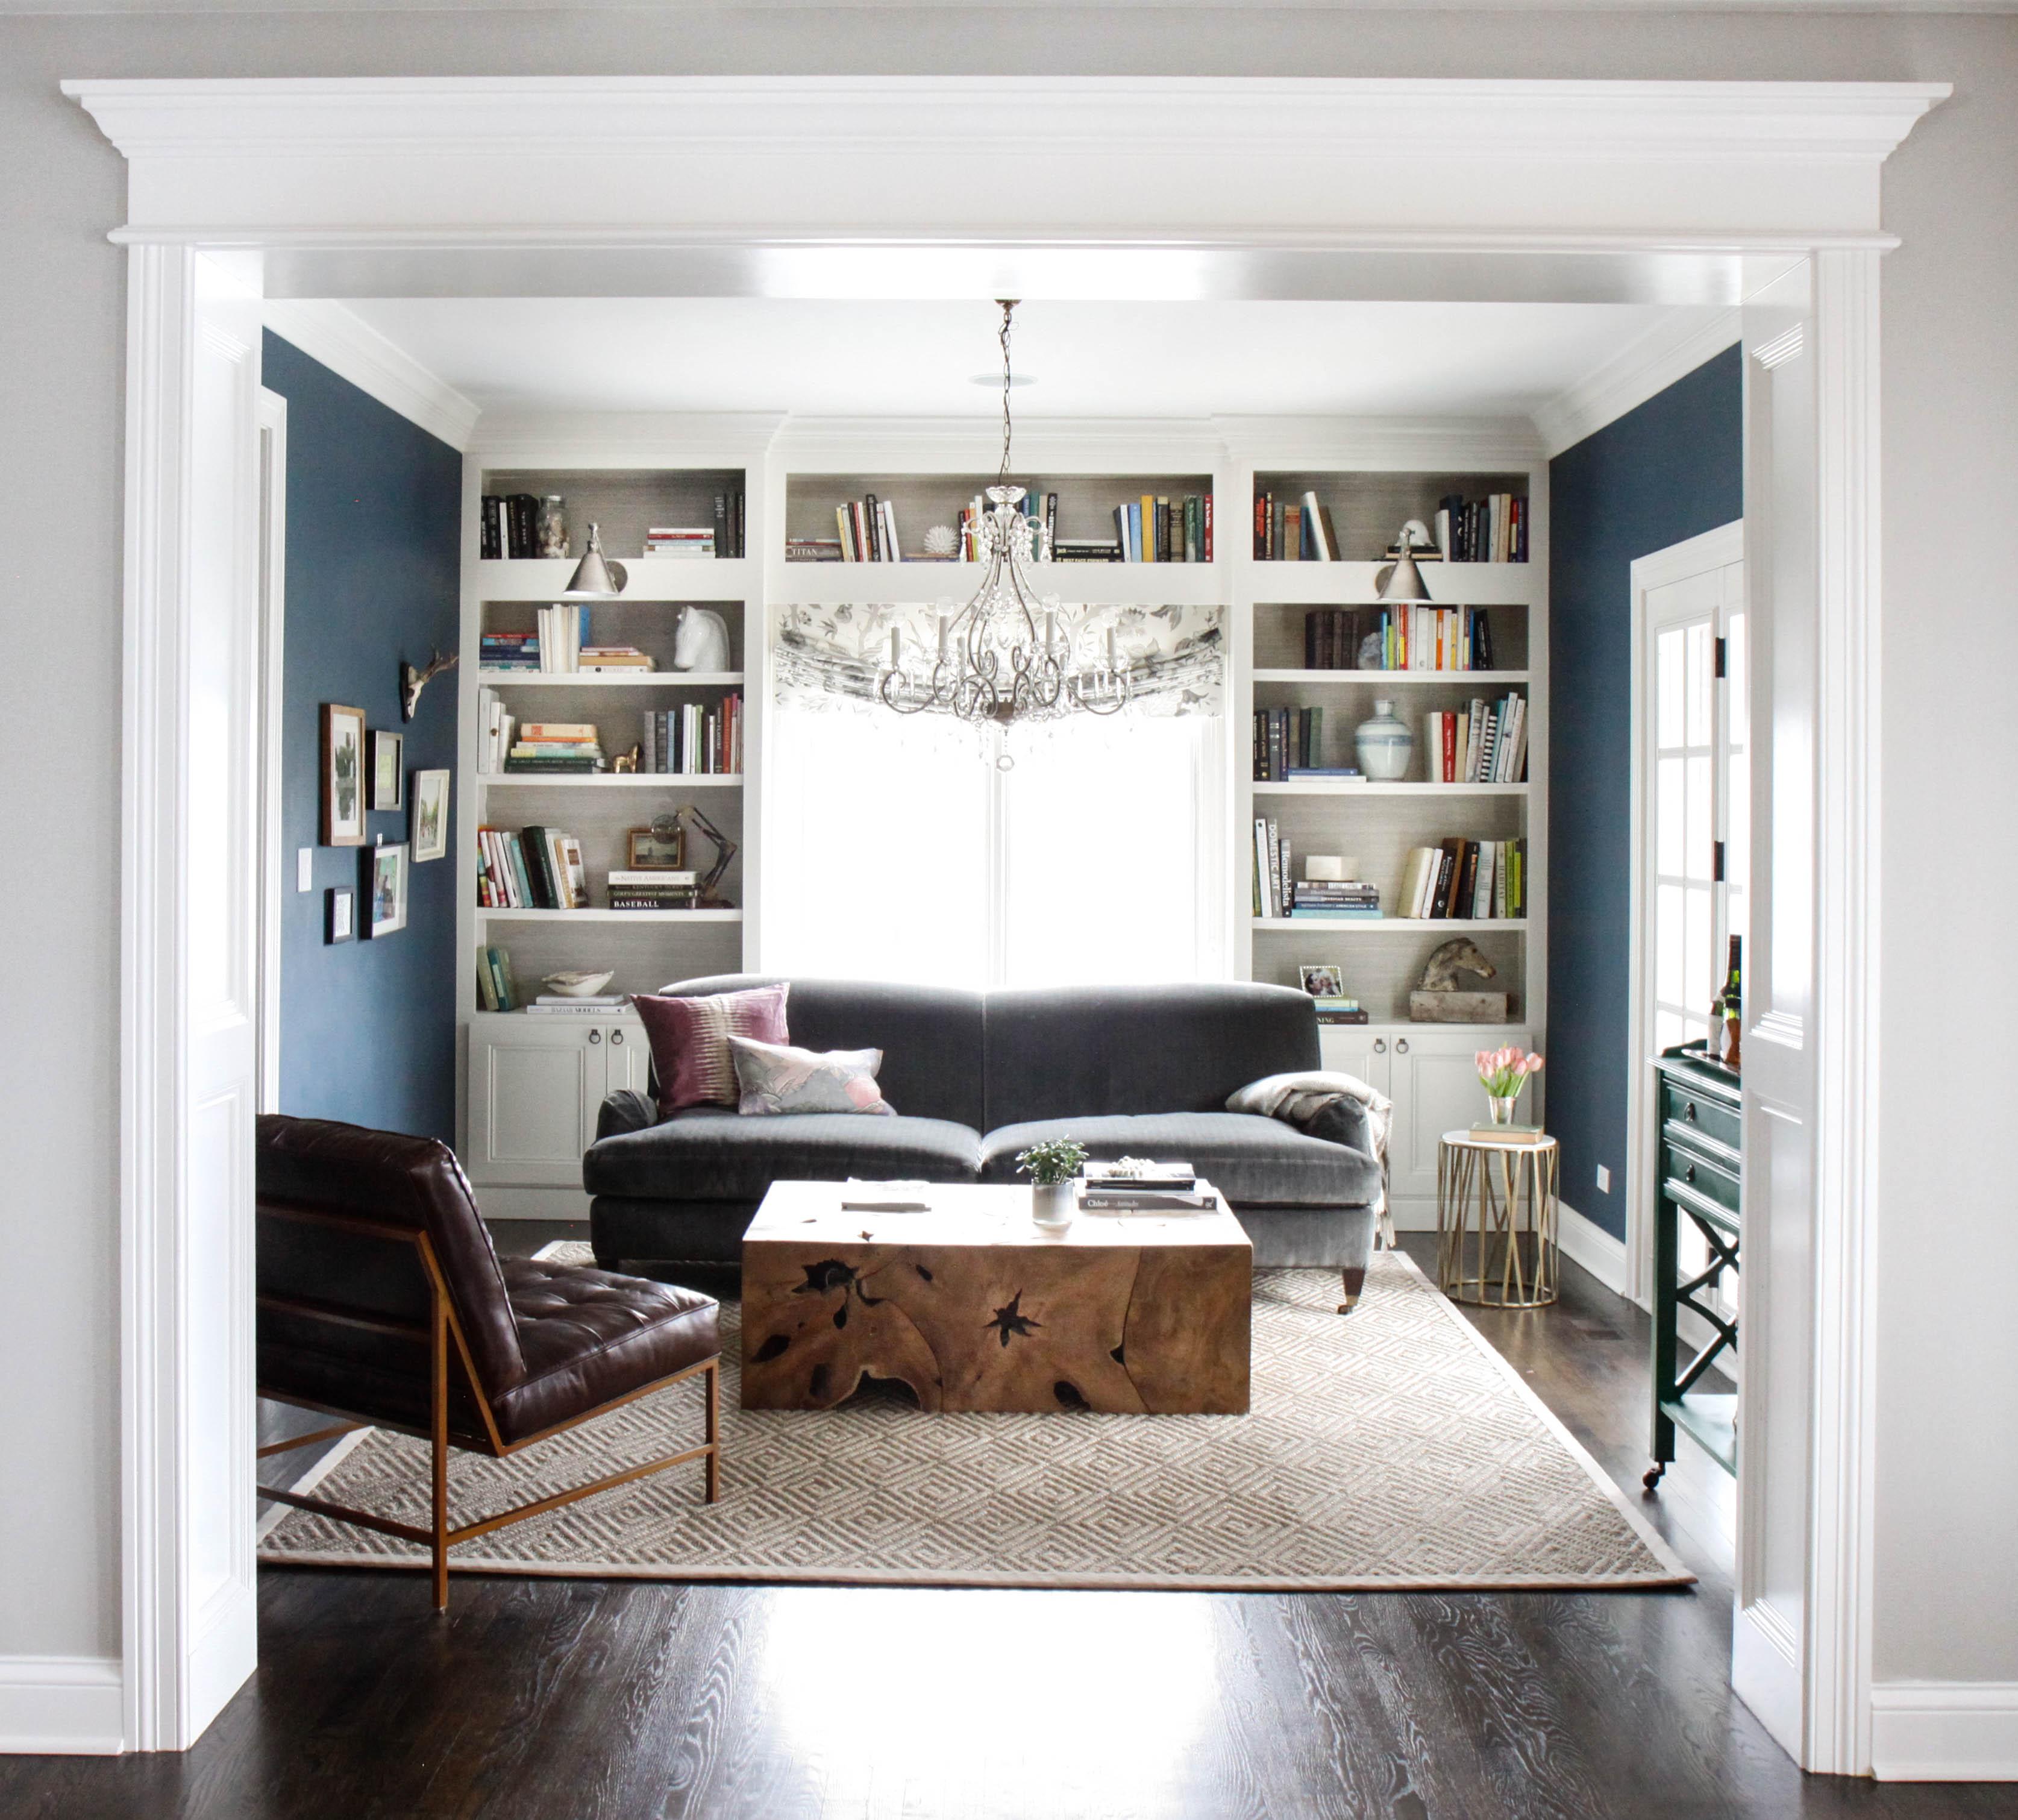 Bookshelves around a window - Park and Oak Interior Design